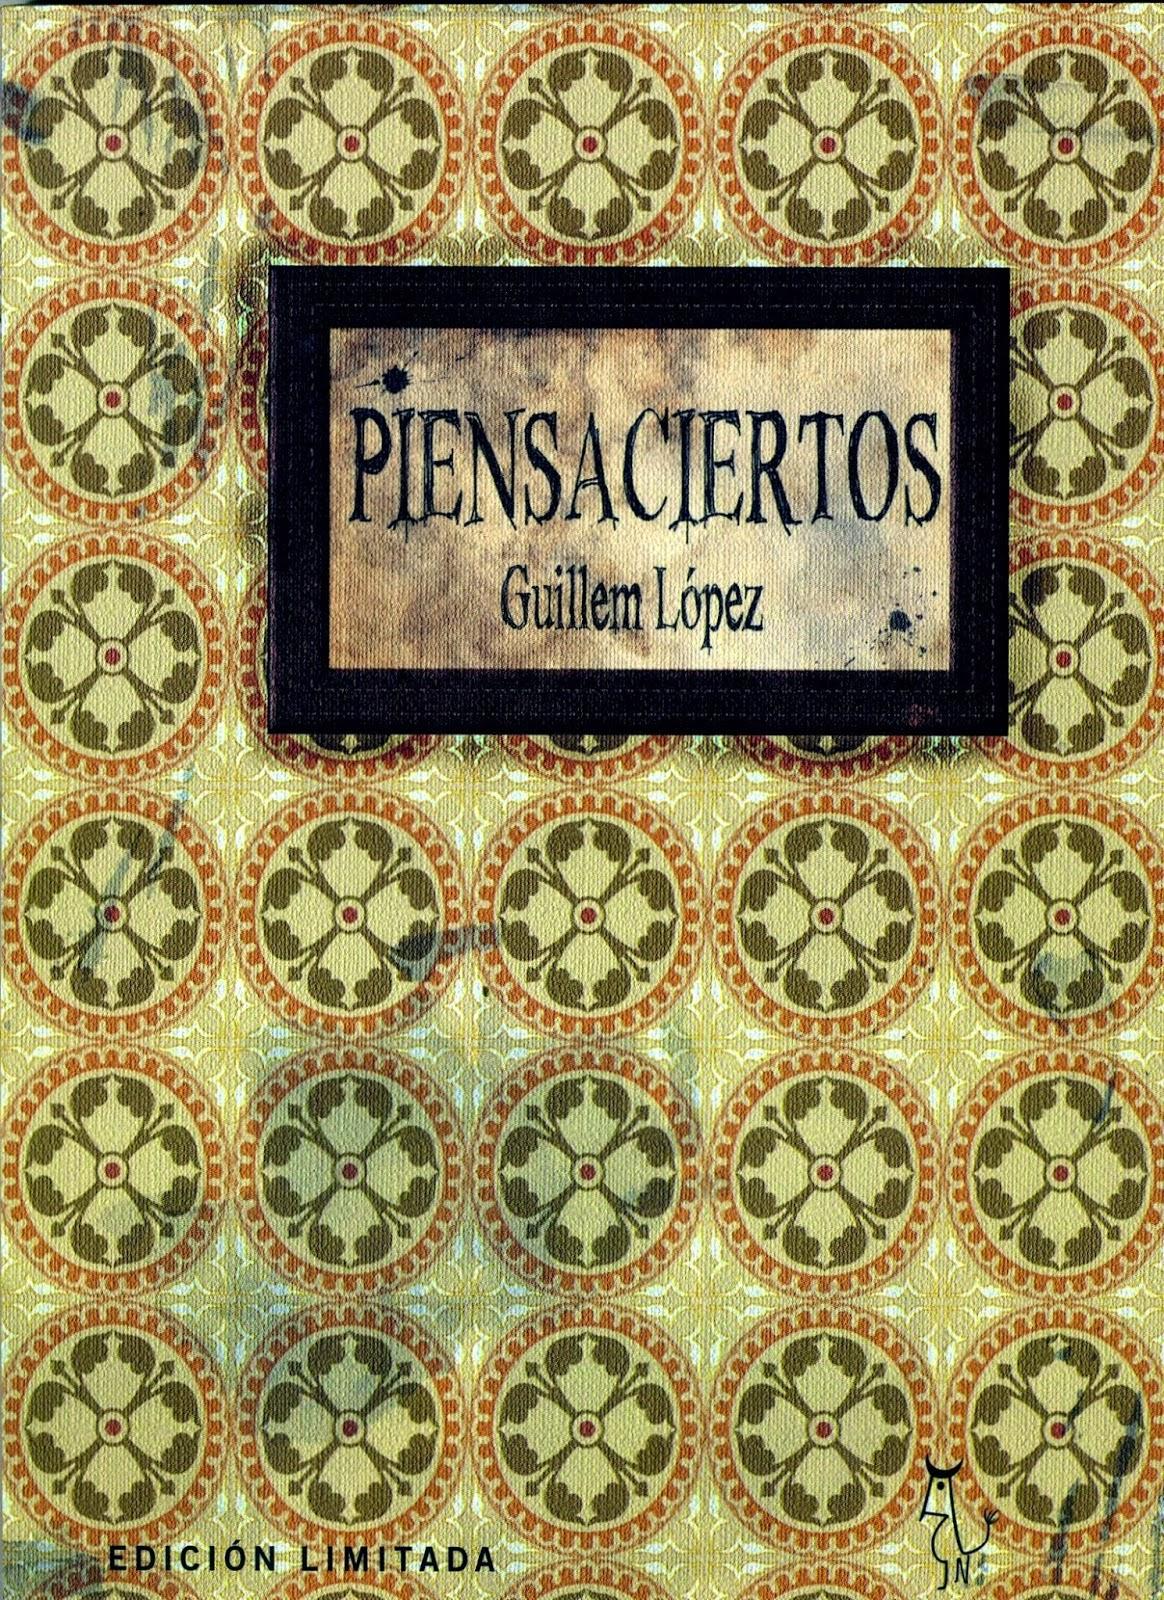 Piensaciertos (Guillem López)